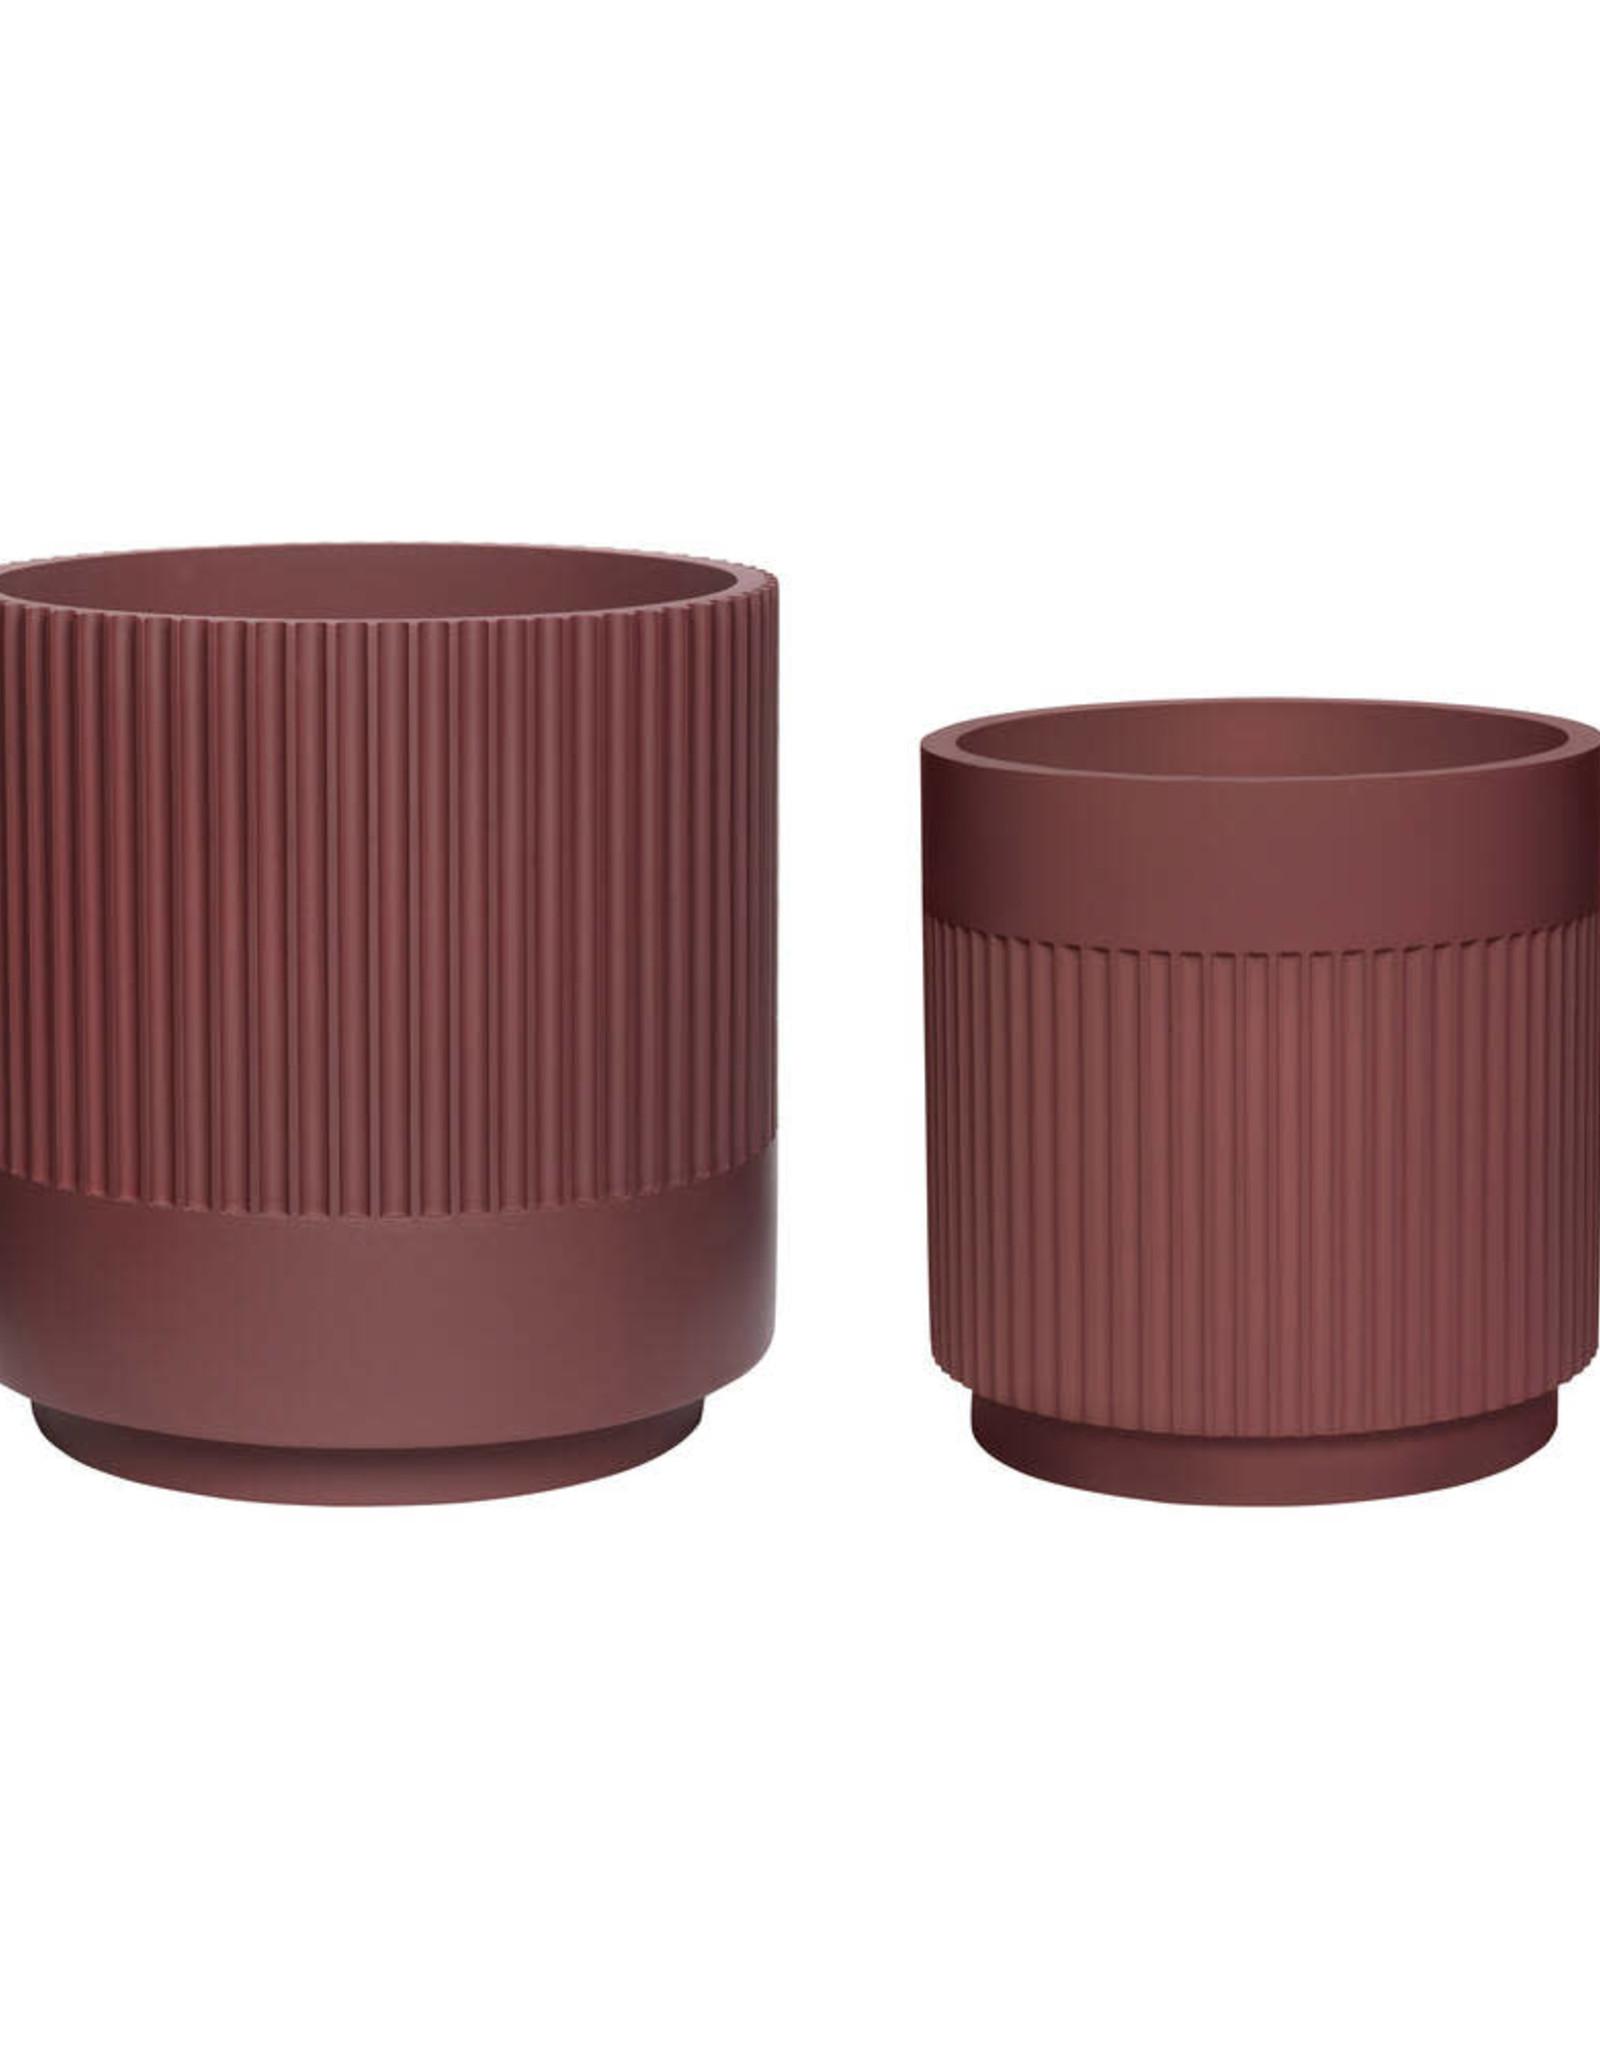 Hübsch Plaster Pot - Bordeaux  ø25xh26